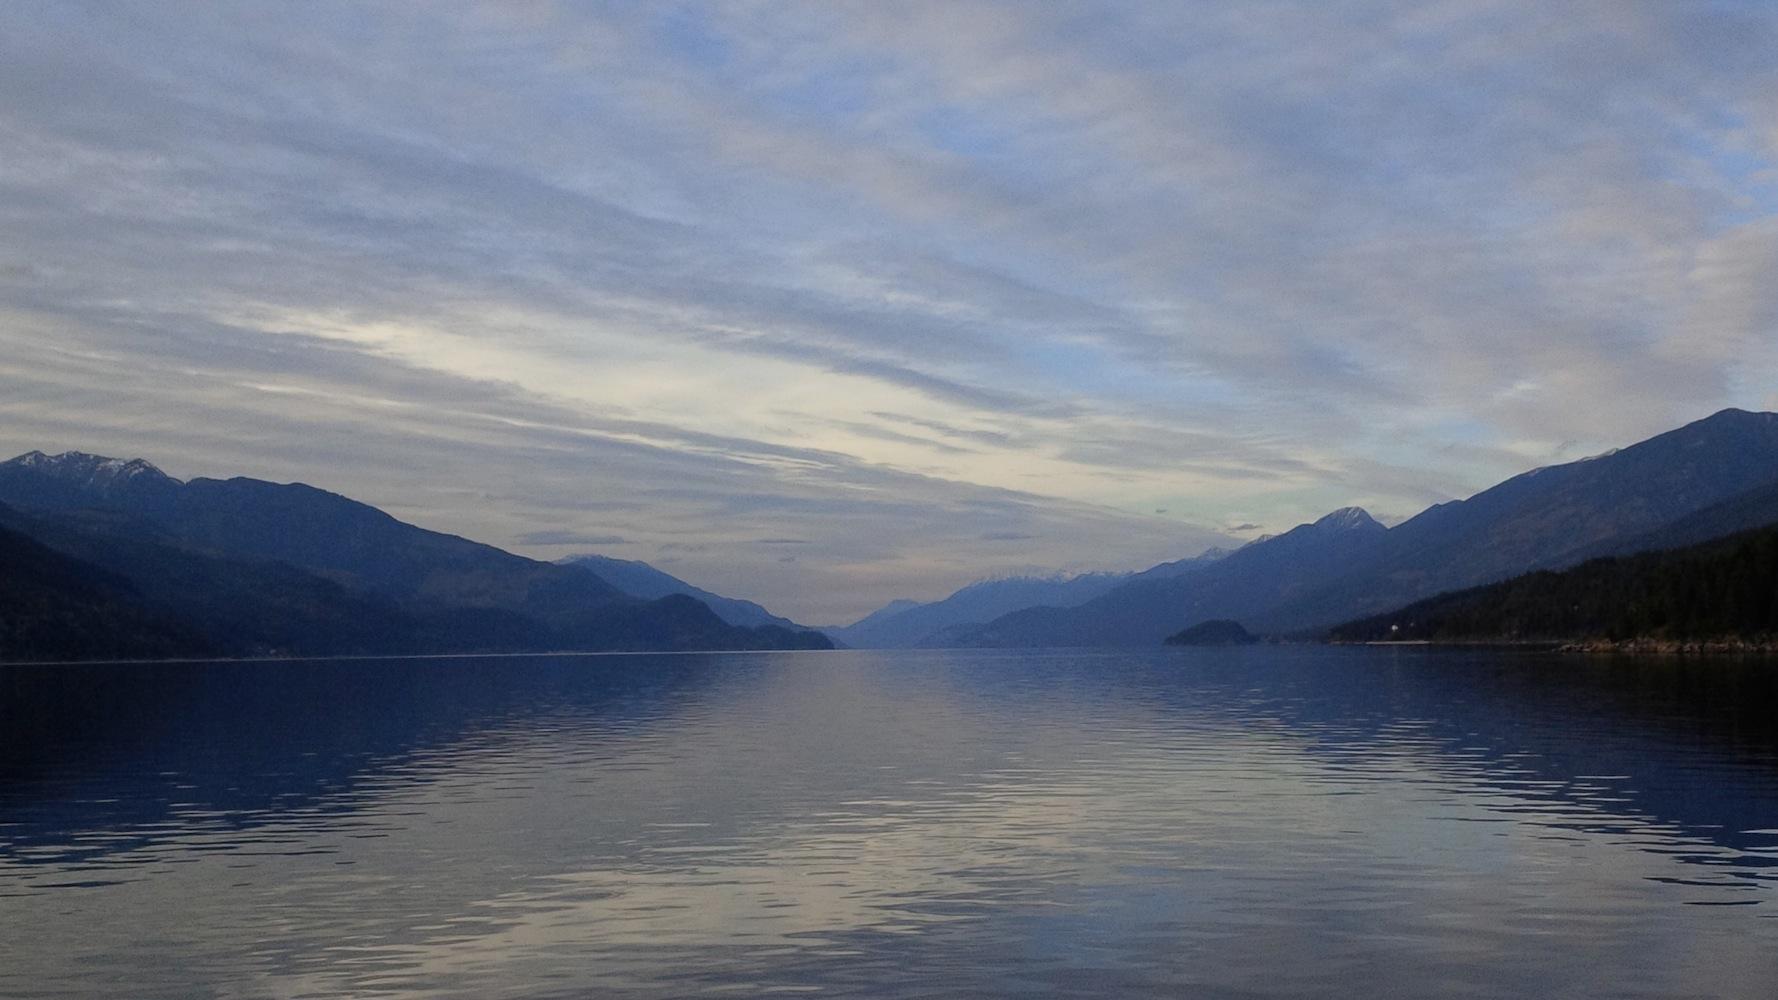 Kootenay Lake, British Columbia